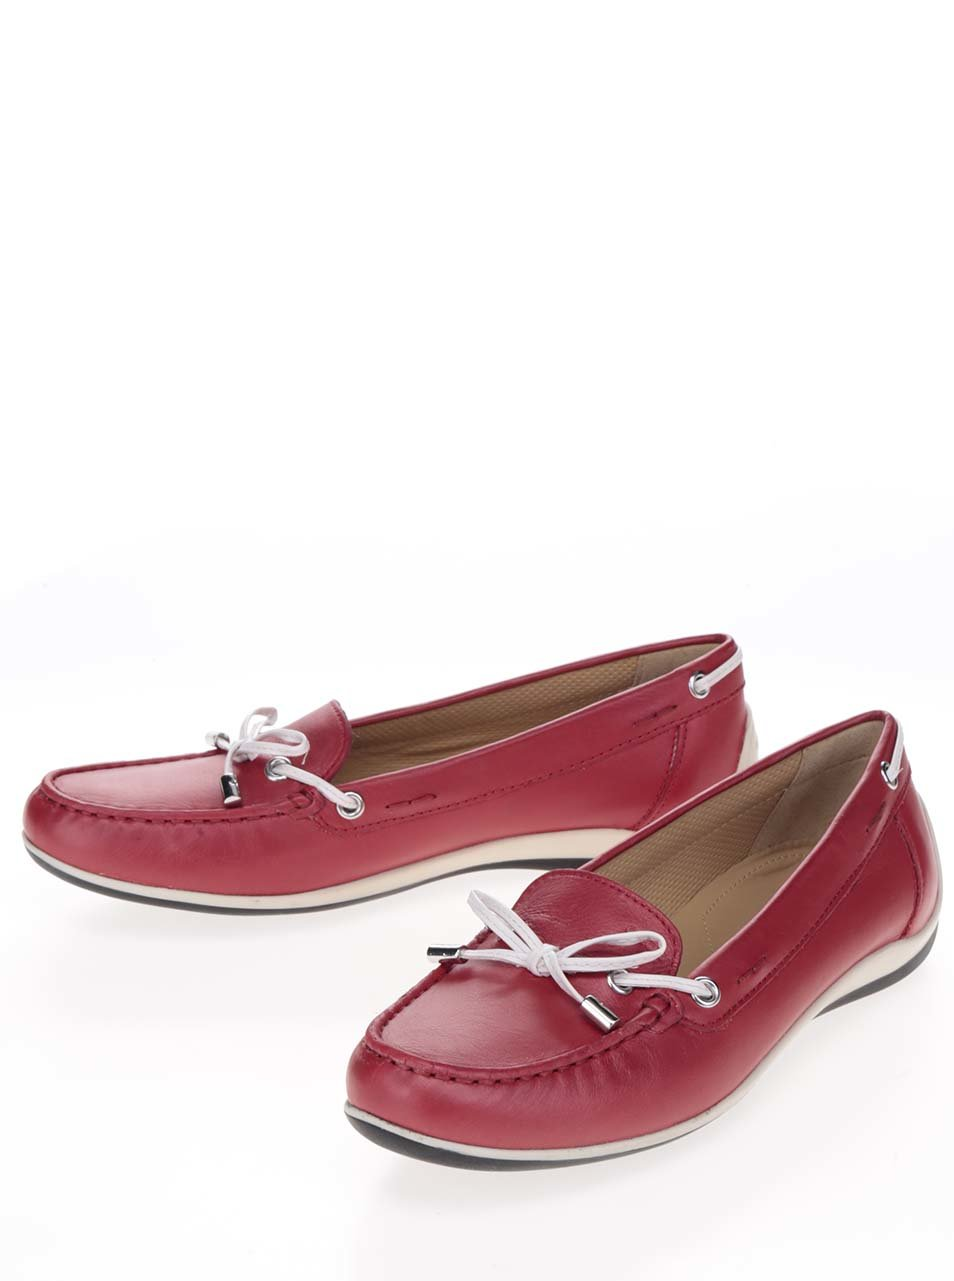 Červené dámské kožené mokasíny Geox Yuki ... 491a2fd63e7